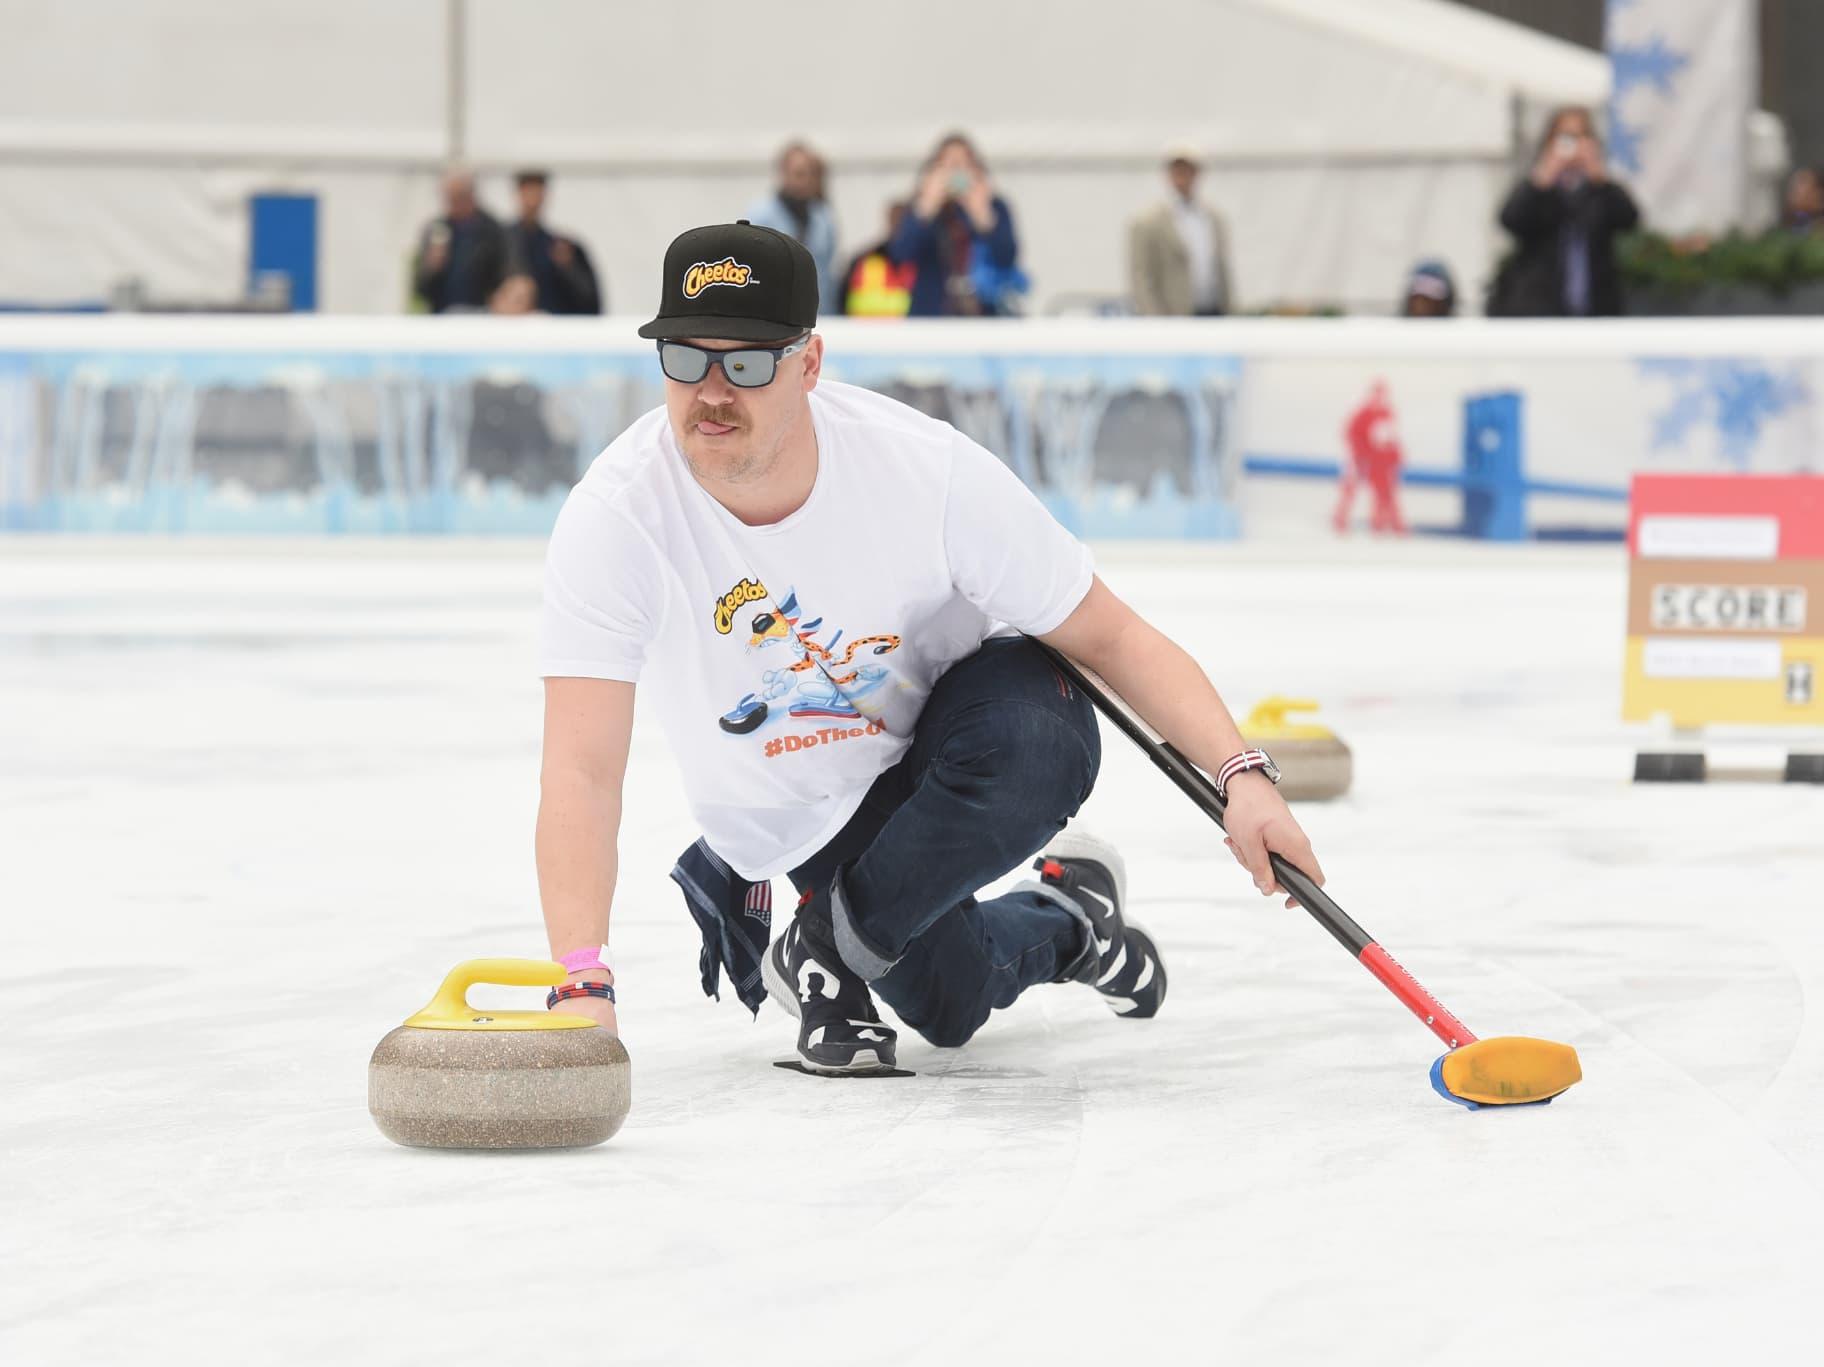 Les règles du curling, pour les nuls !